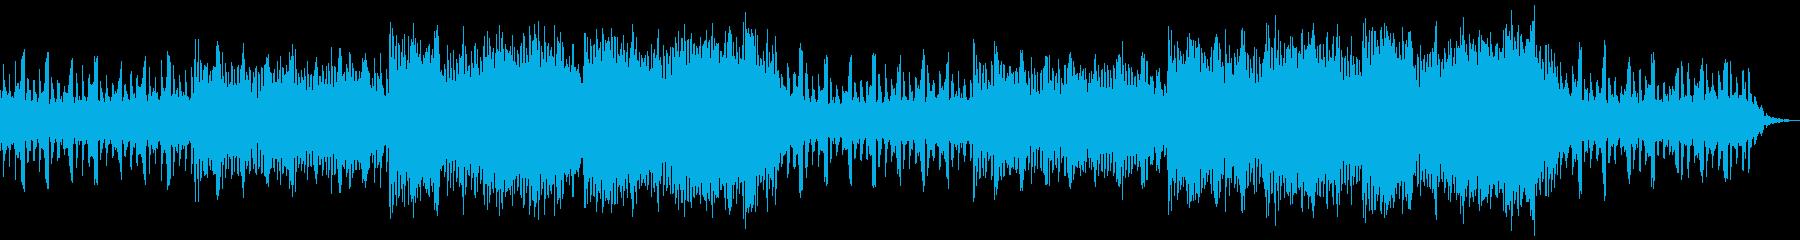 キラキラきれいなピアノコーポレートaの再生済みの波形